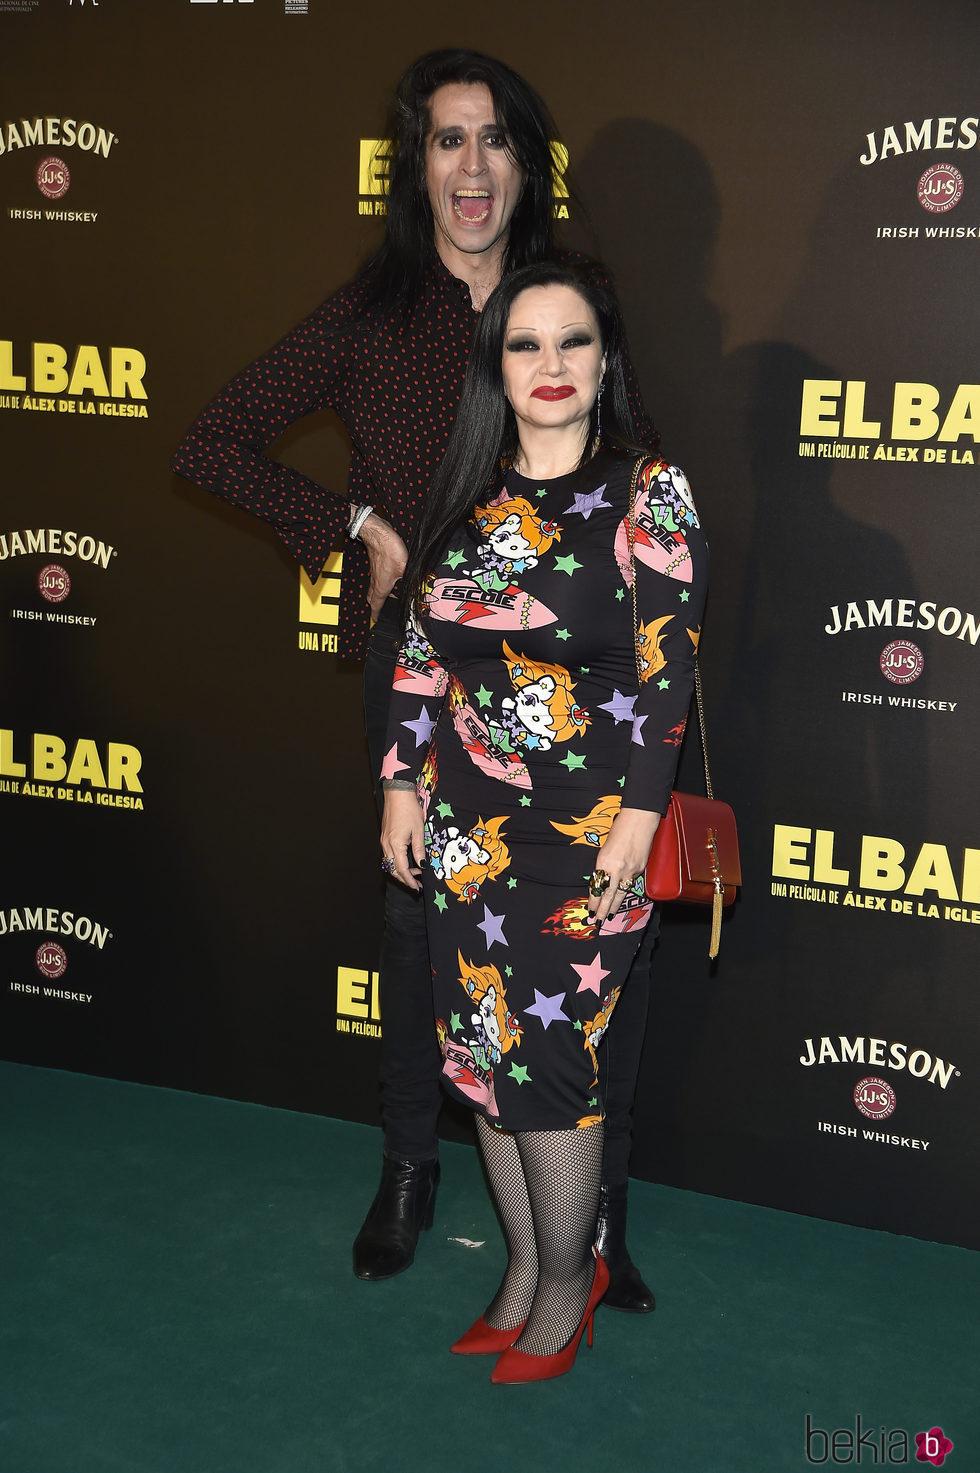 Mario Vaquerizo y Alaska en la presentación de la película 'El Bar' en los cines Callao de Madrid